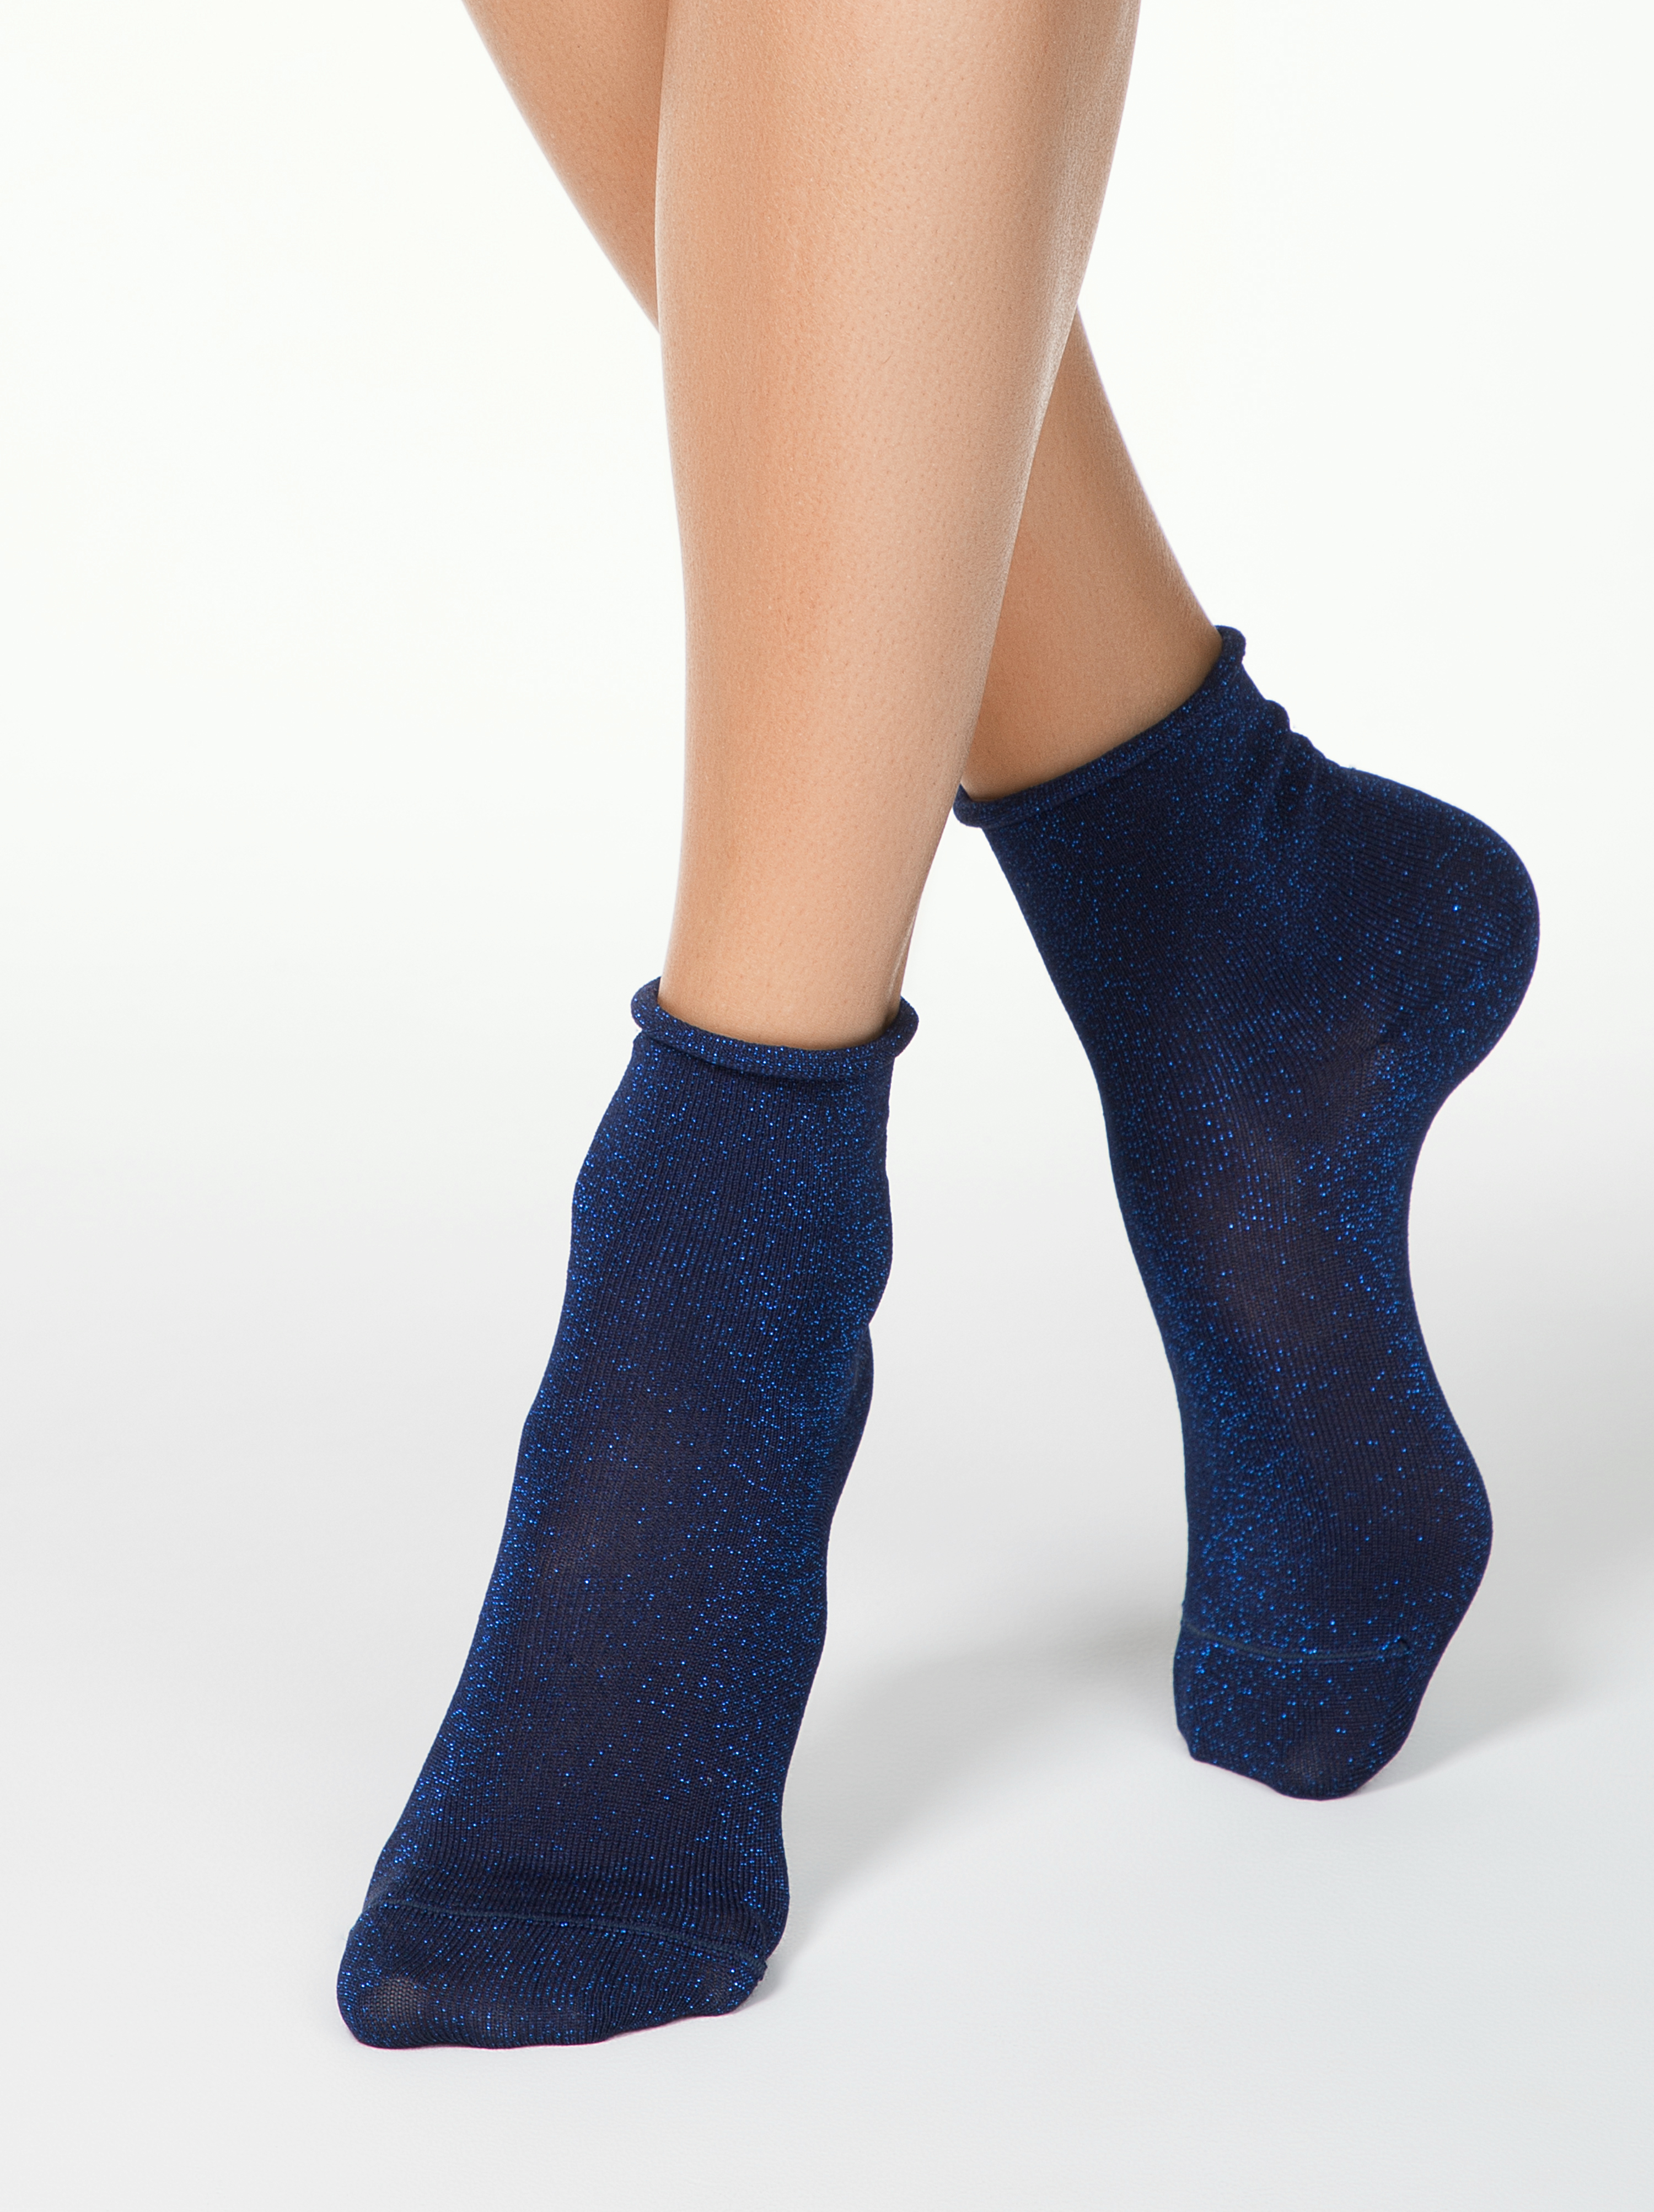 Носки женские Conte CLASSIC (люрекс, без резинки) 17С-16СП синие 25